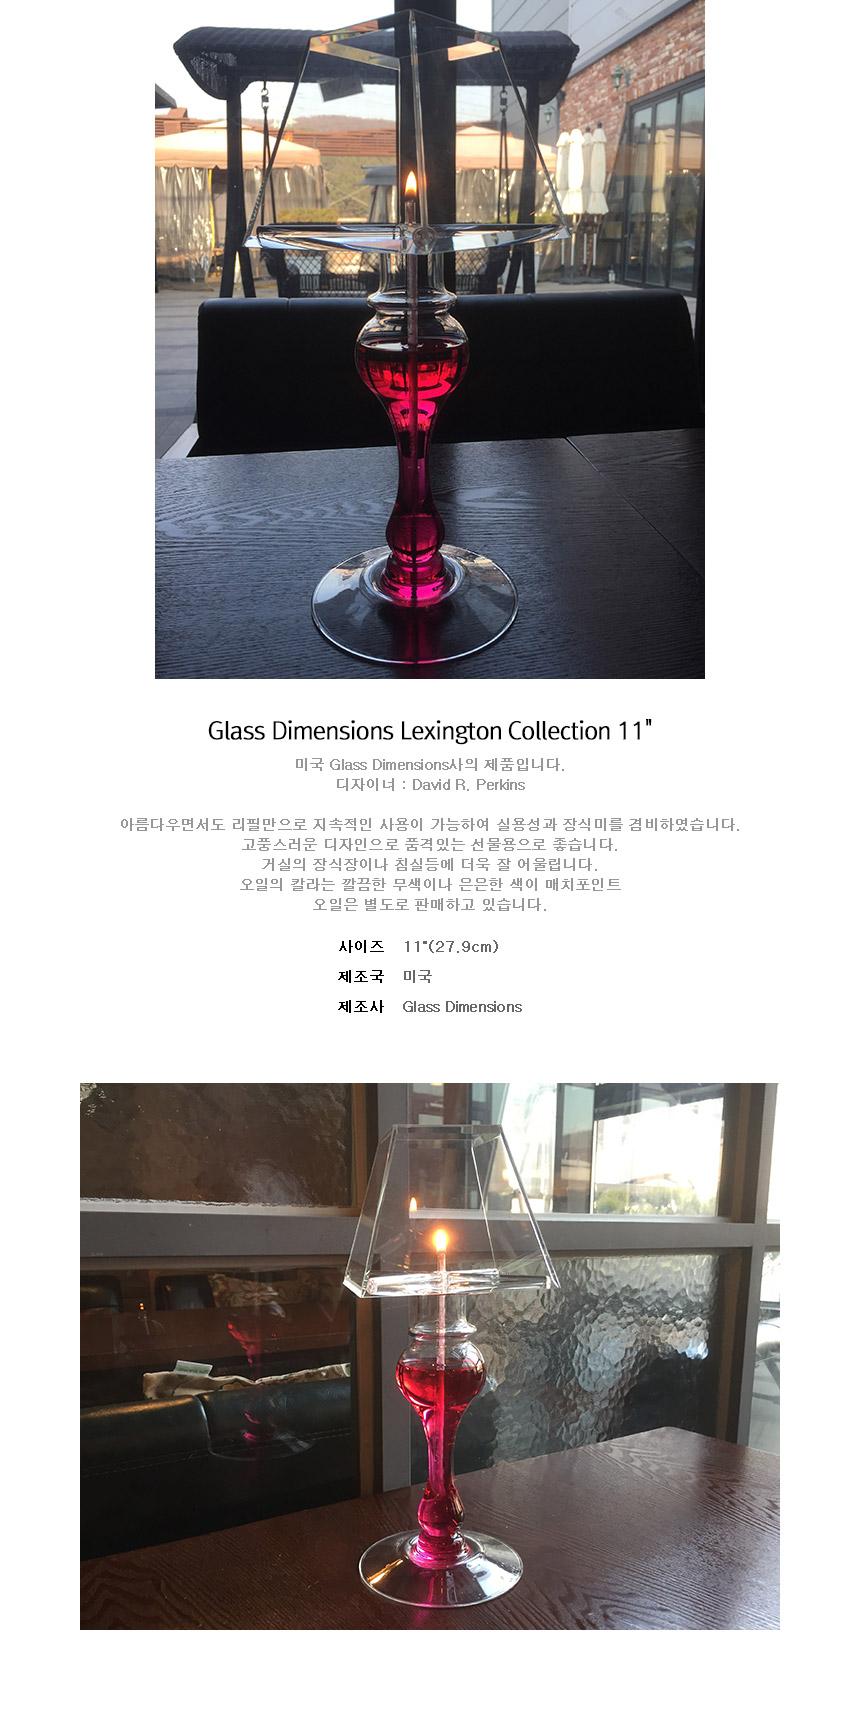 램프플러스 Glass Dimensions Lexington Collection